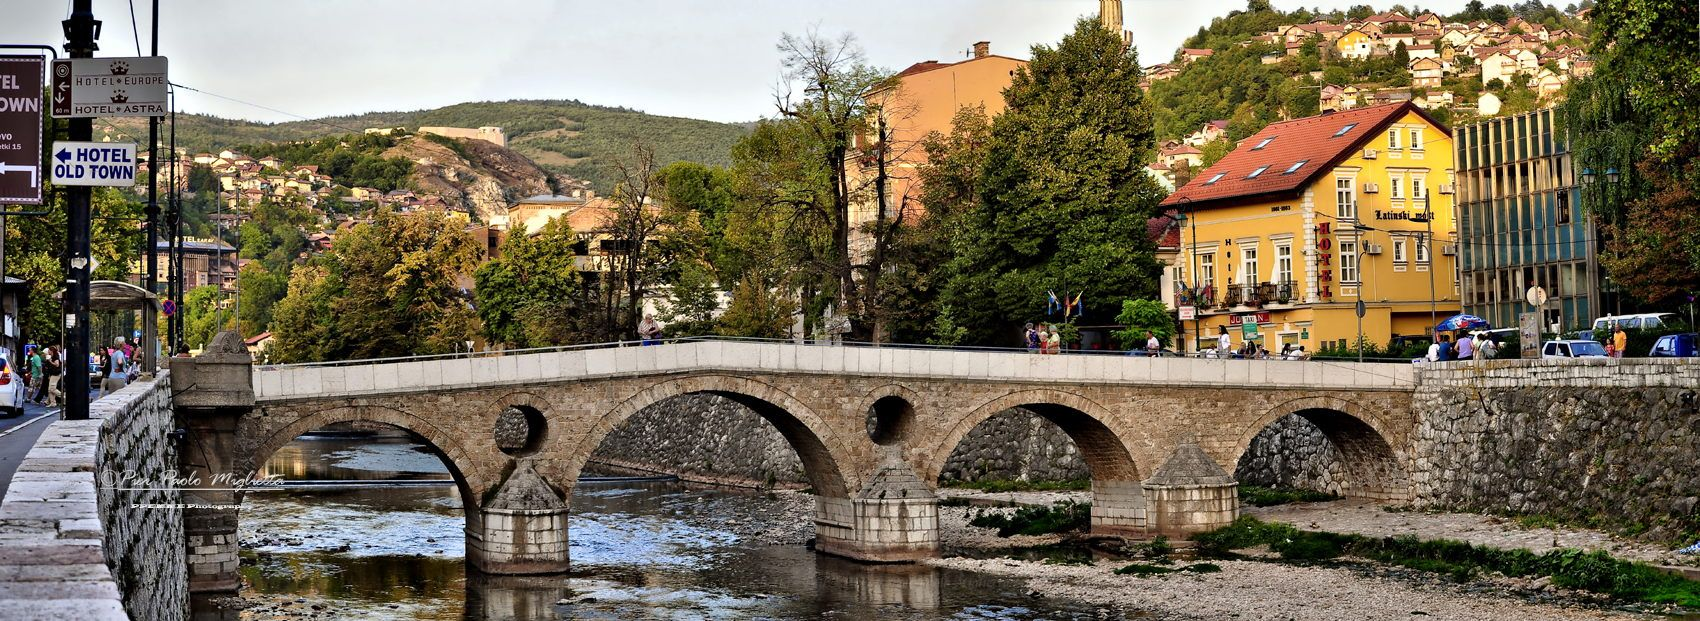 Sarajevo - Latin Bridge by Pier Paolo Miglietta on 500px